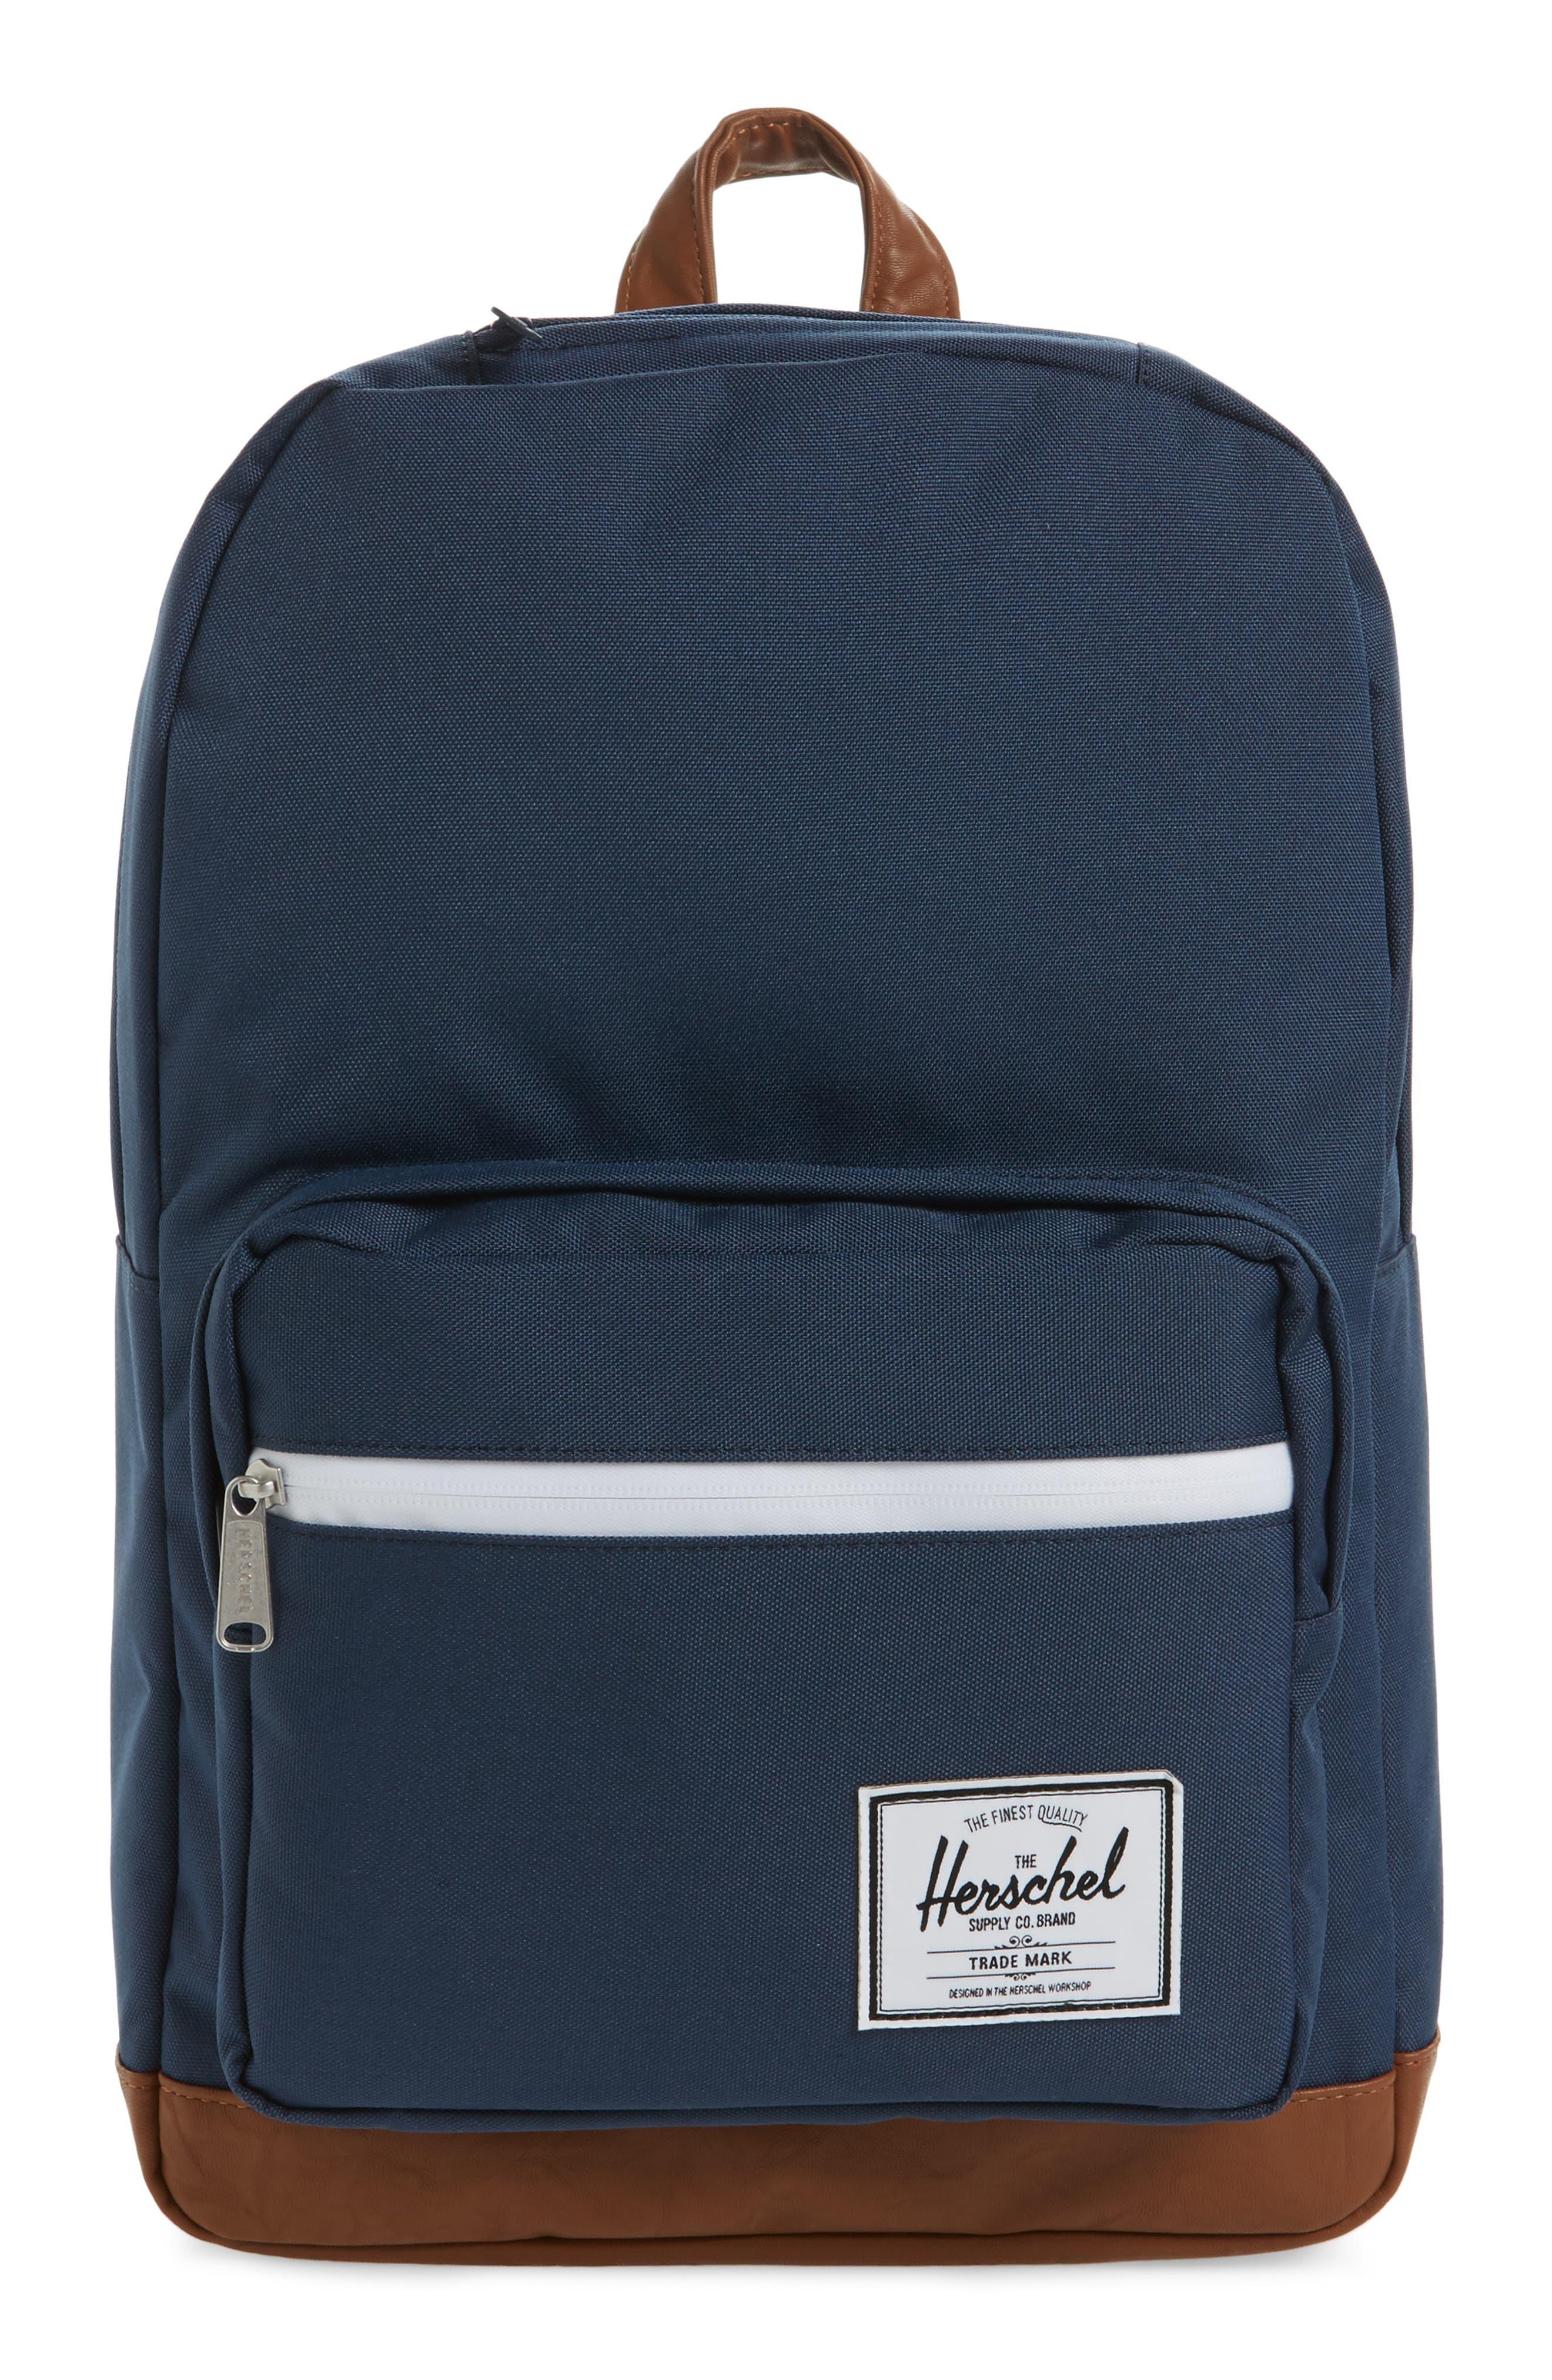 HERSCHEL SUPPLY CO. Pop Quiz Backpack, Main, color, NAVY